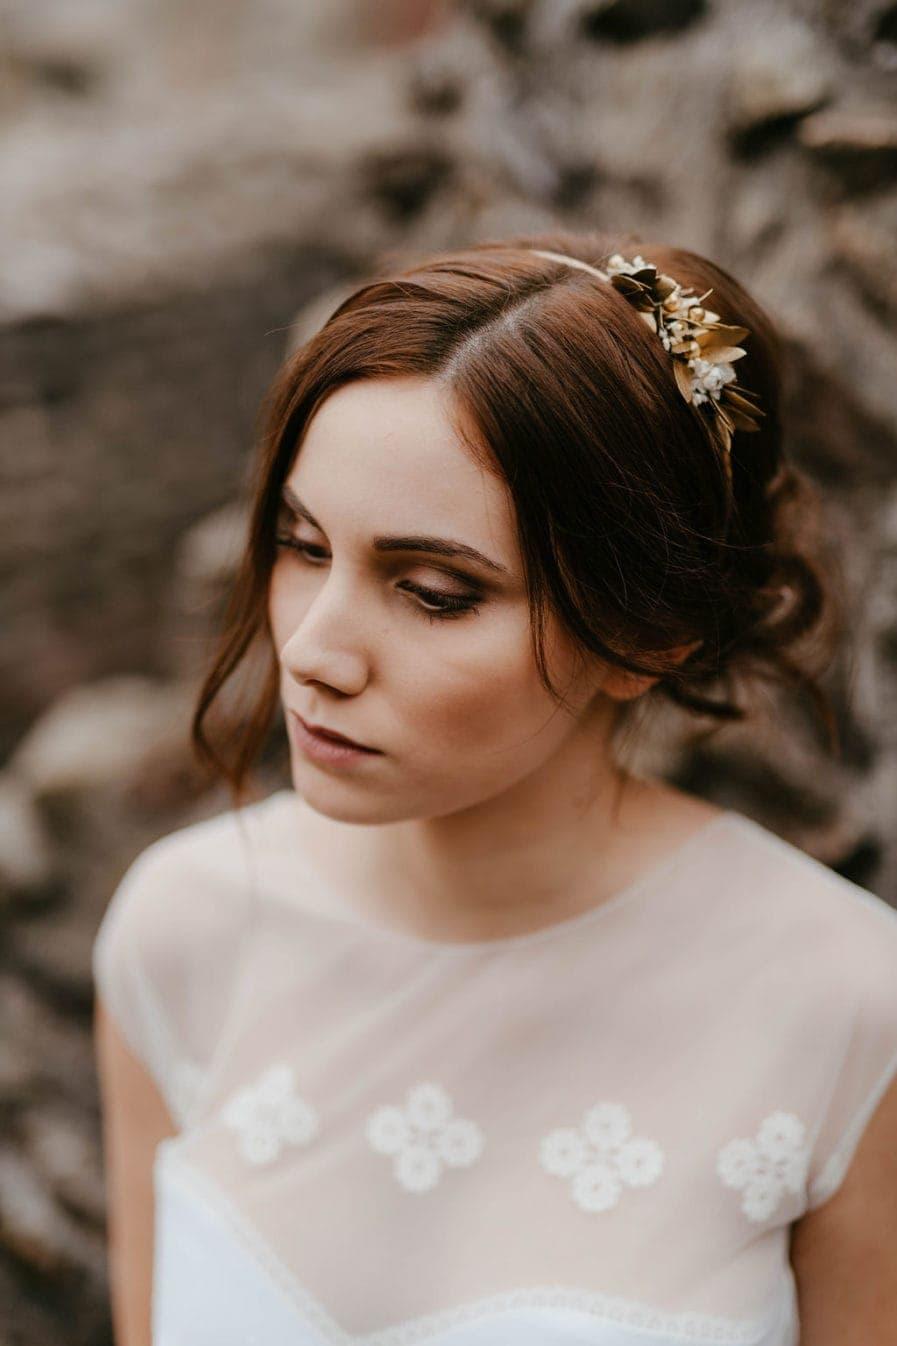 Headband de mariage Ori version Mini - Les Fleurs Dupont - Anaïs Nannini - Version mini et antique